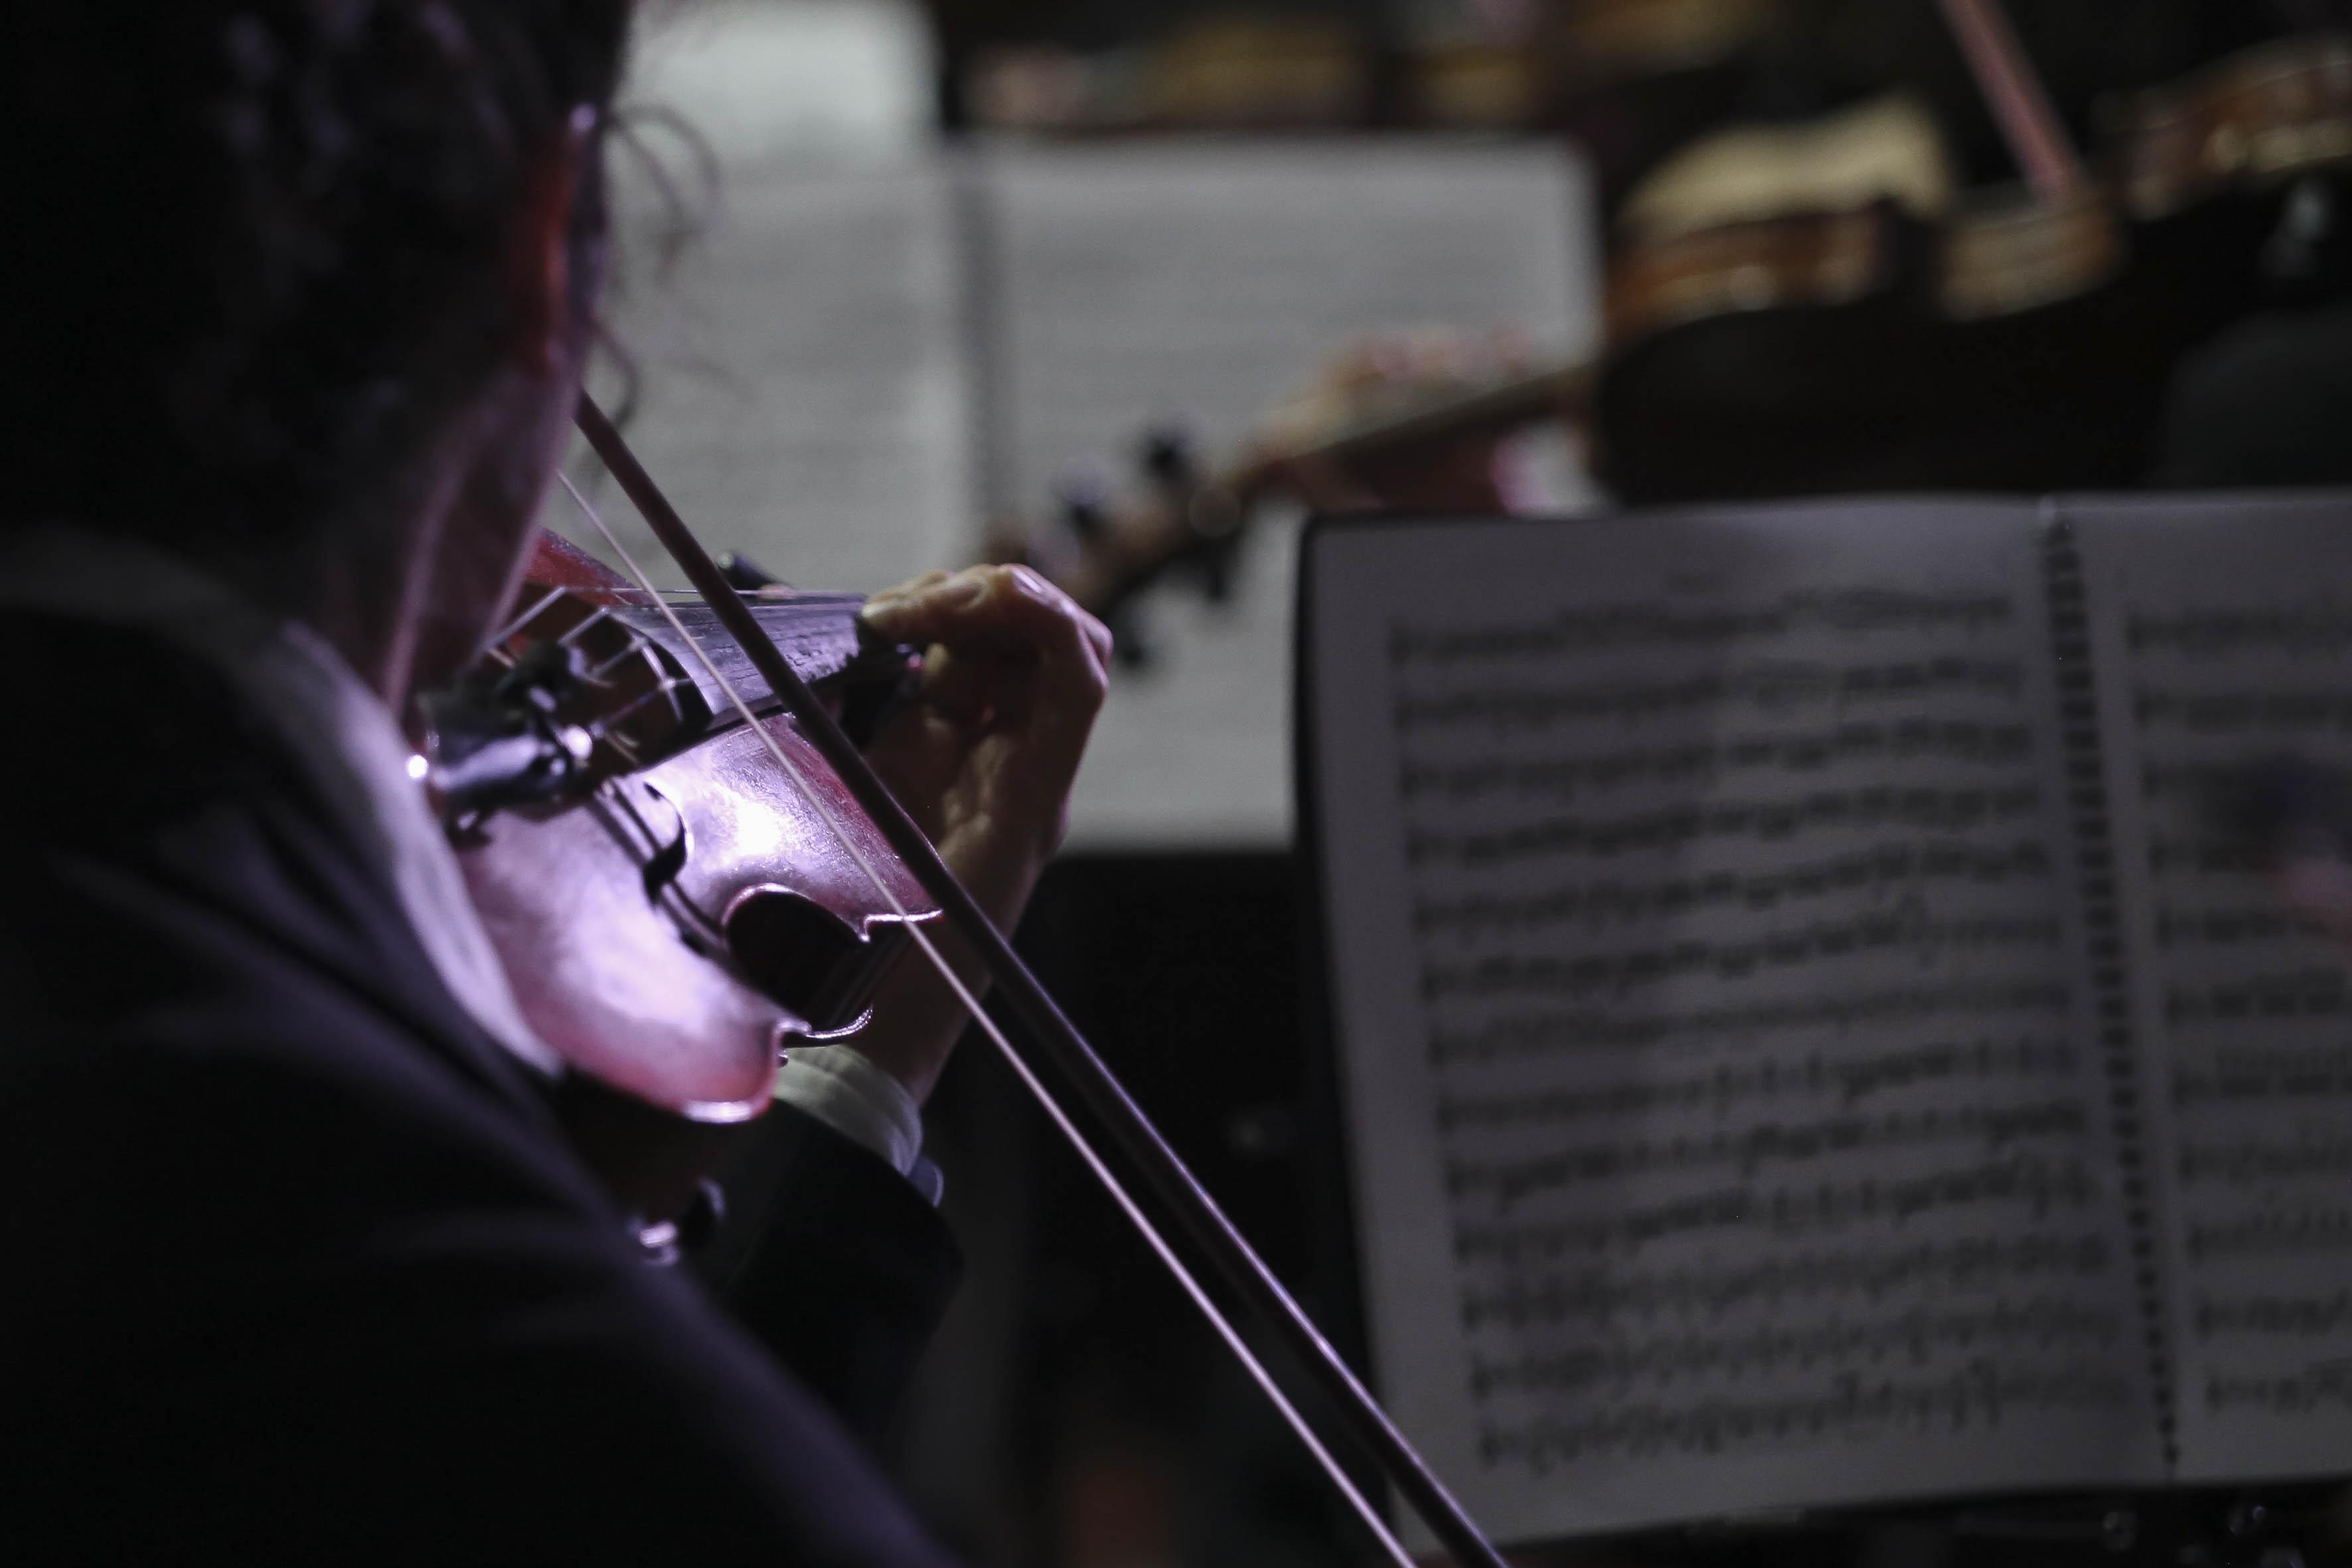 Violín en primer plano con perfil de la violinista tocando